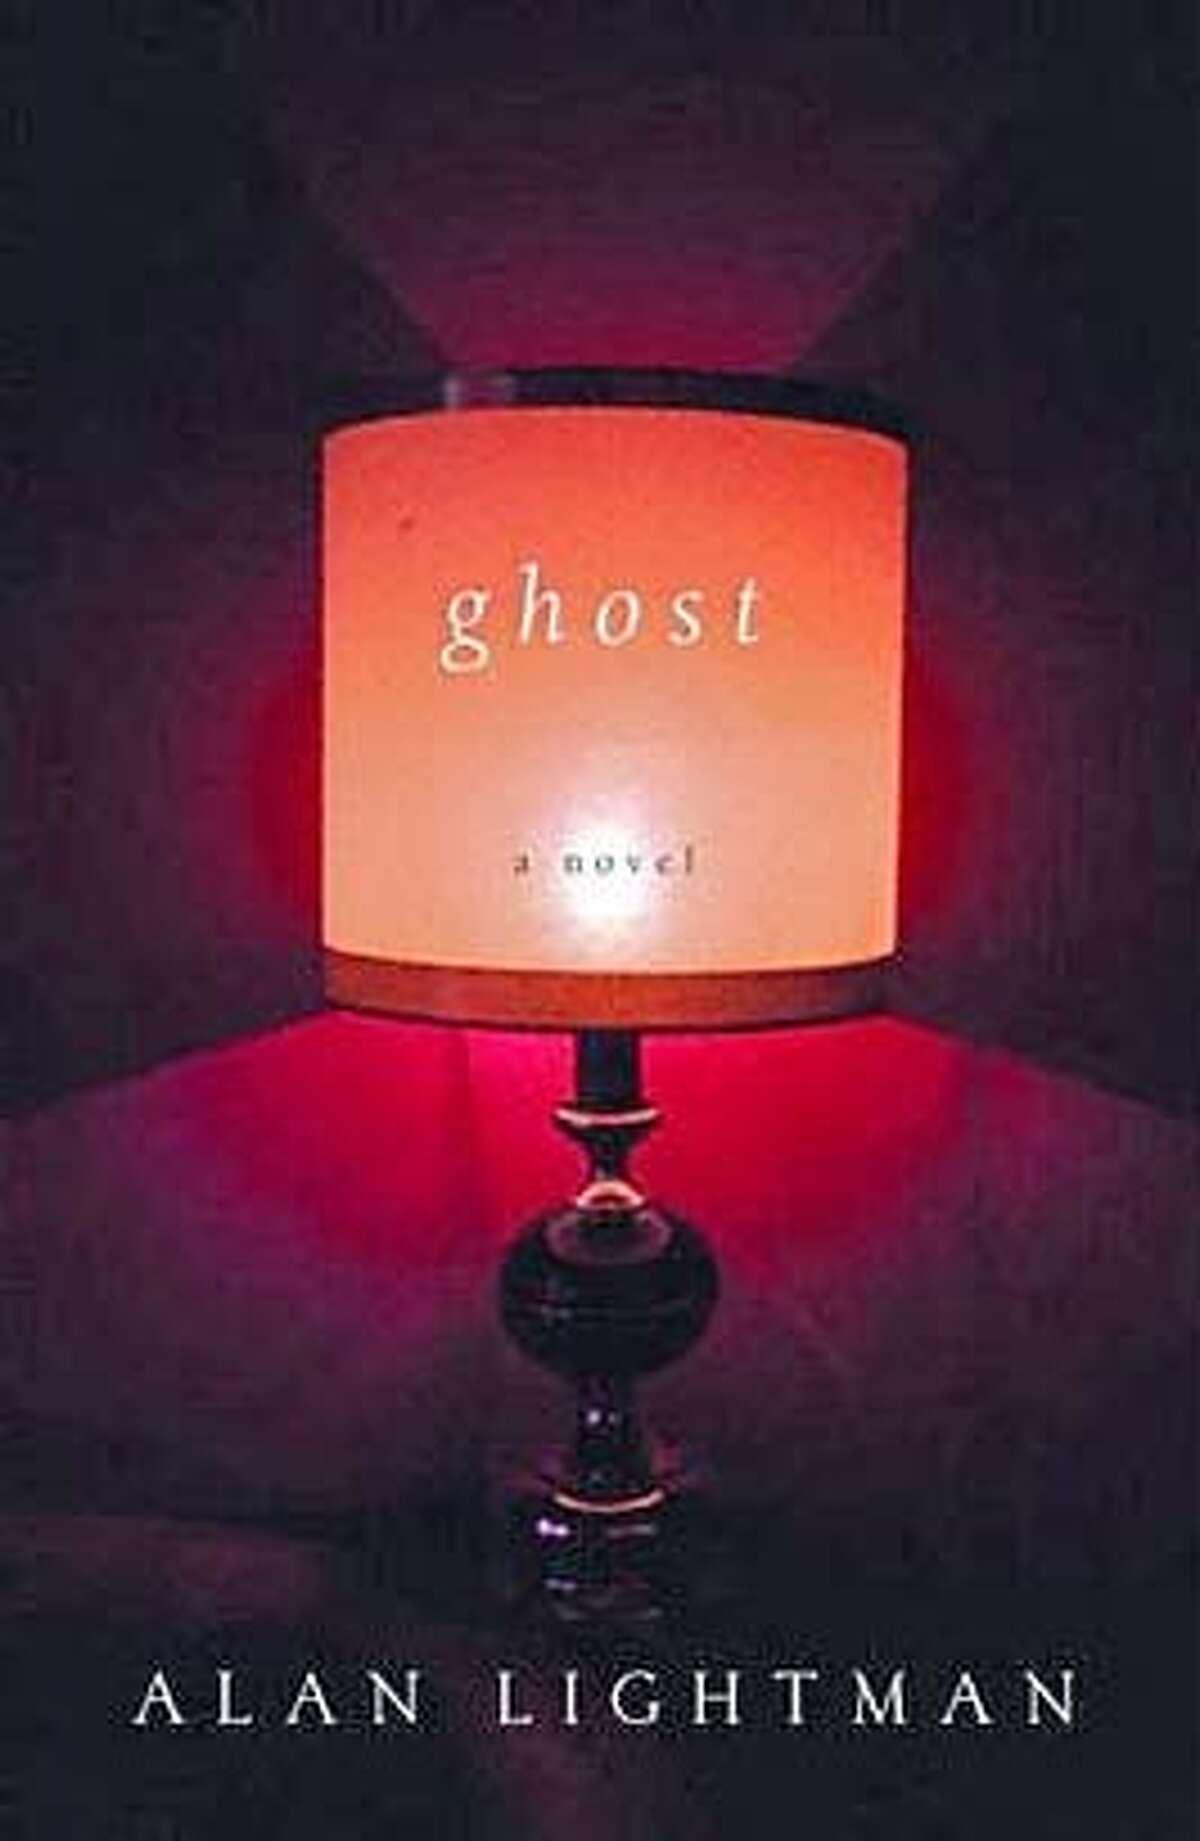 Ghost by Alan Lightman